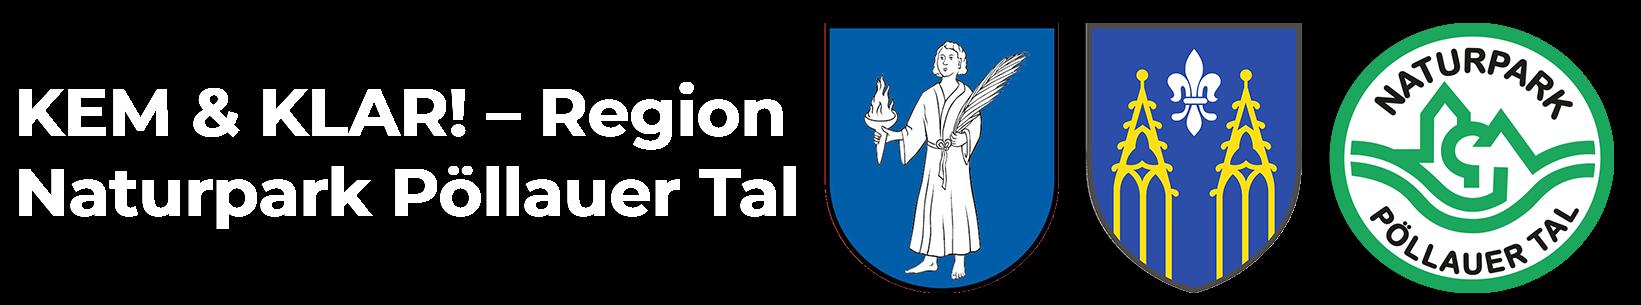 KEM & KLAR! – Region Naturpark Pöllauer Tal